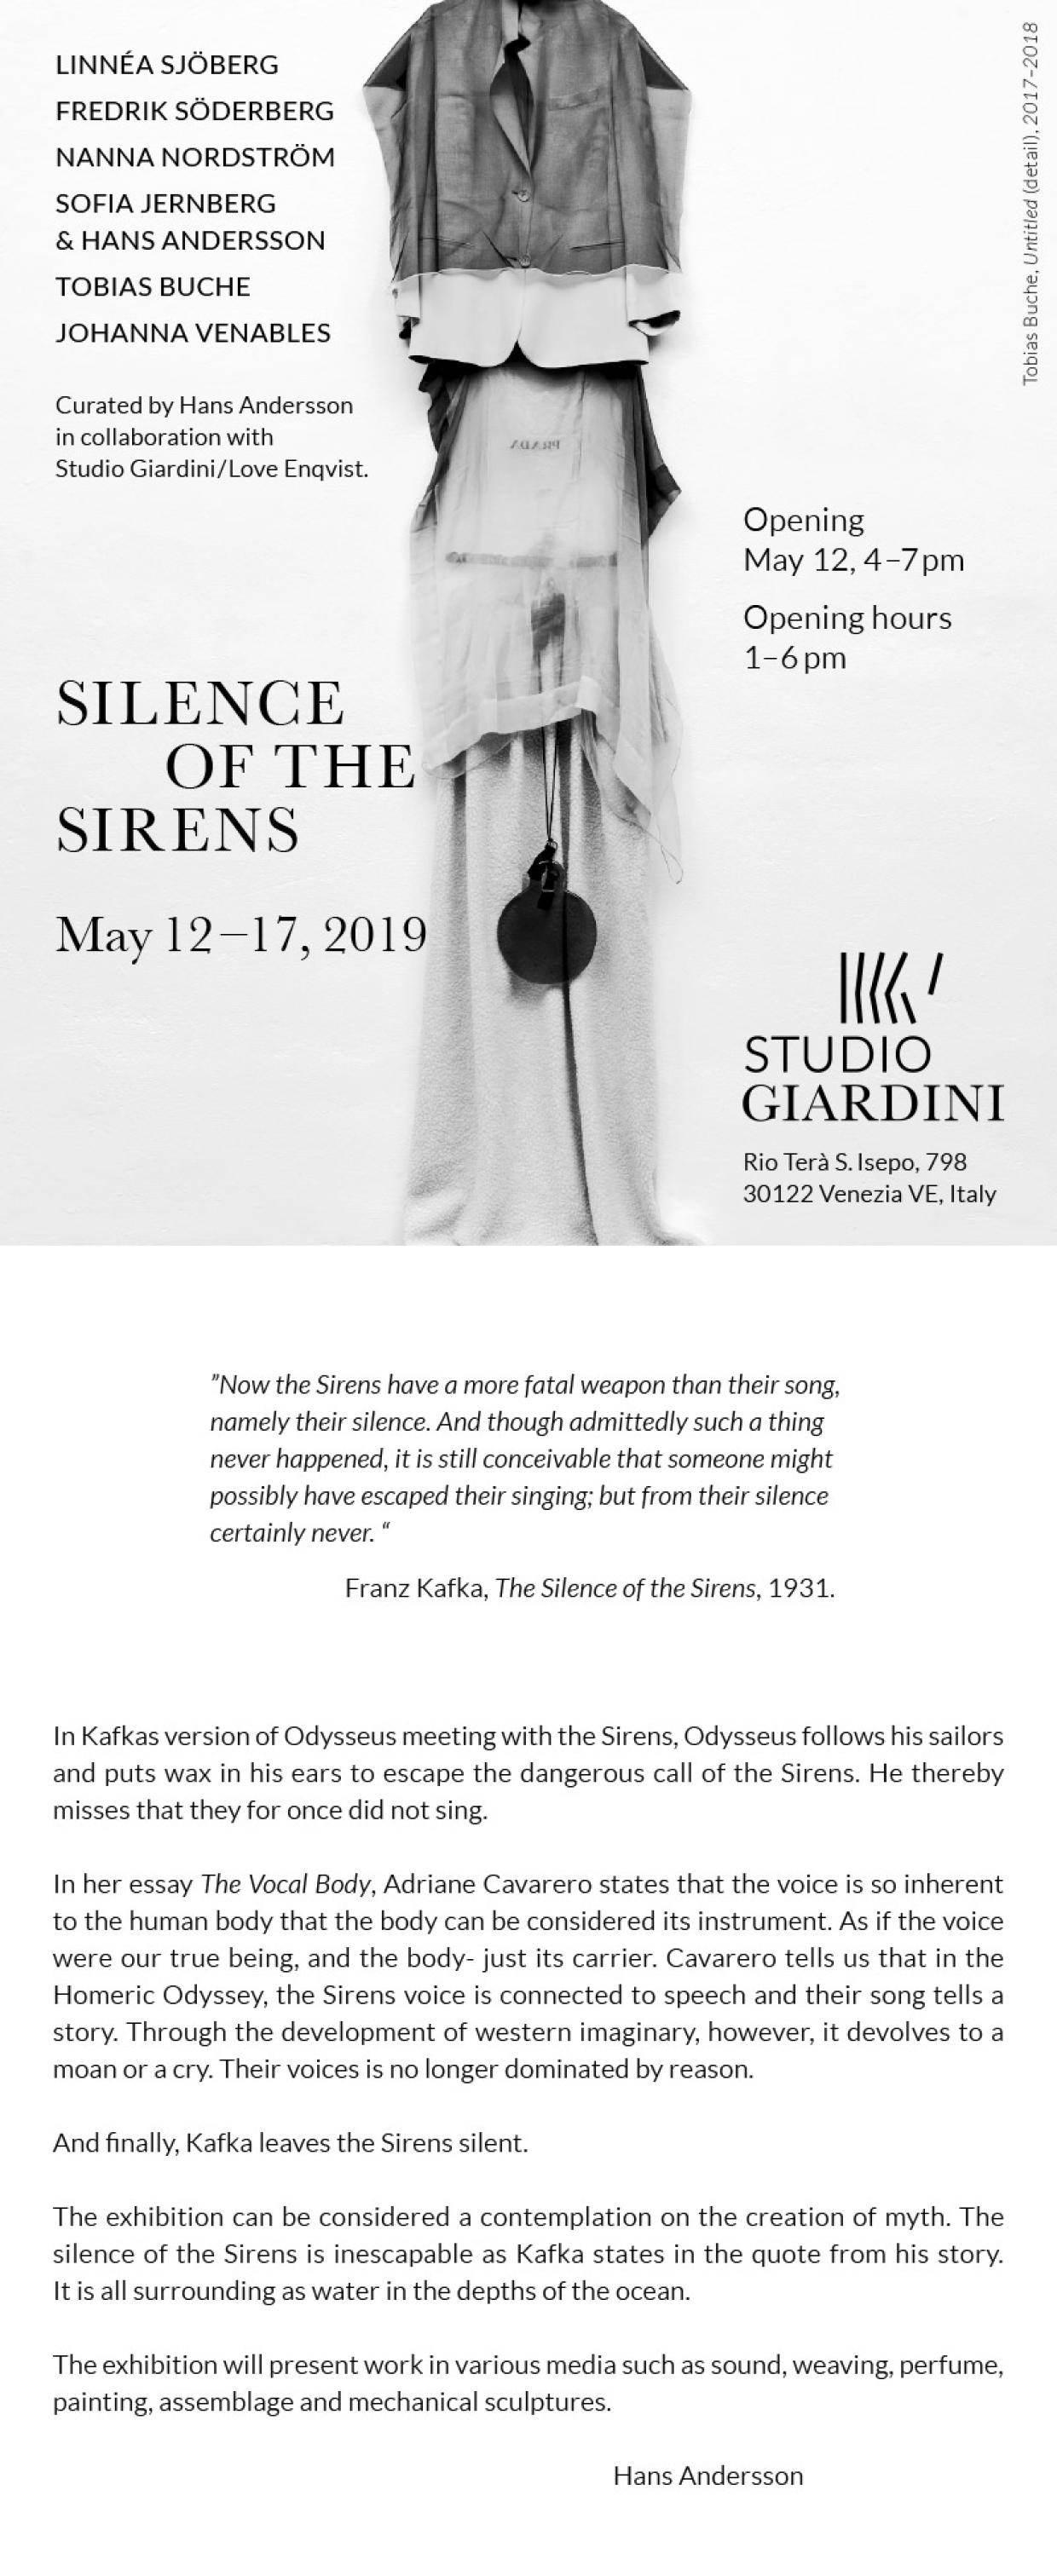 Contemporary art exhibition at Giardini Projects at Studio Giardini in Venice